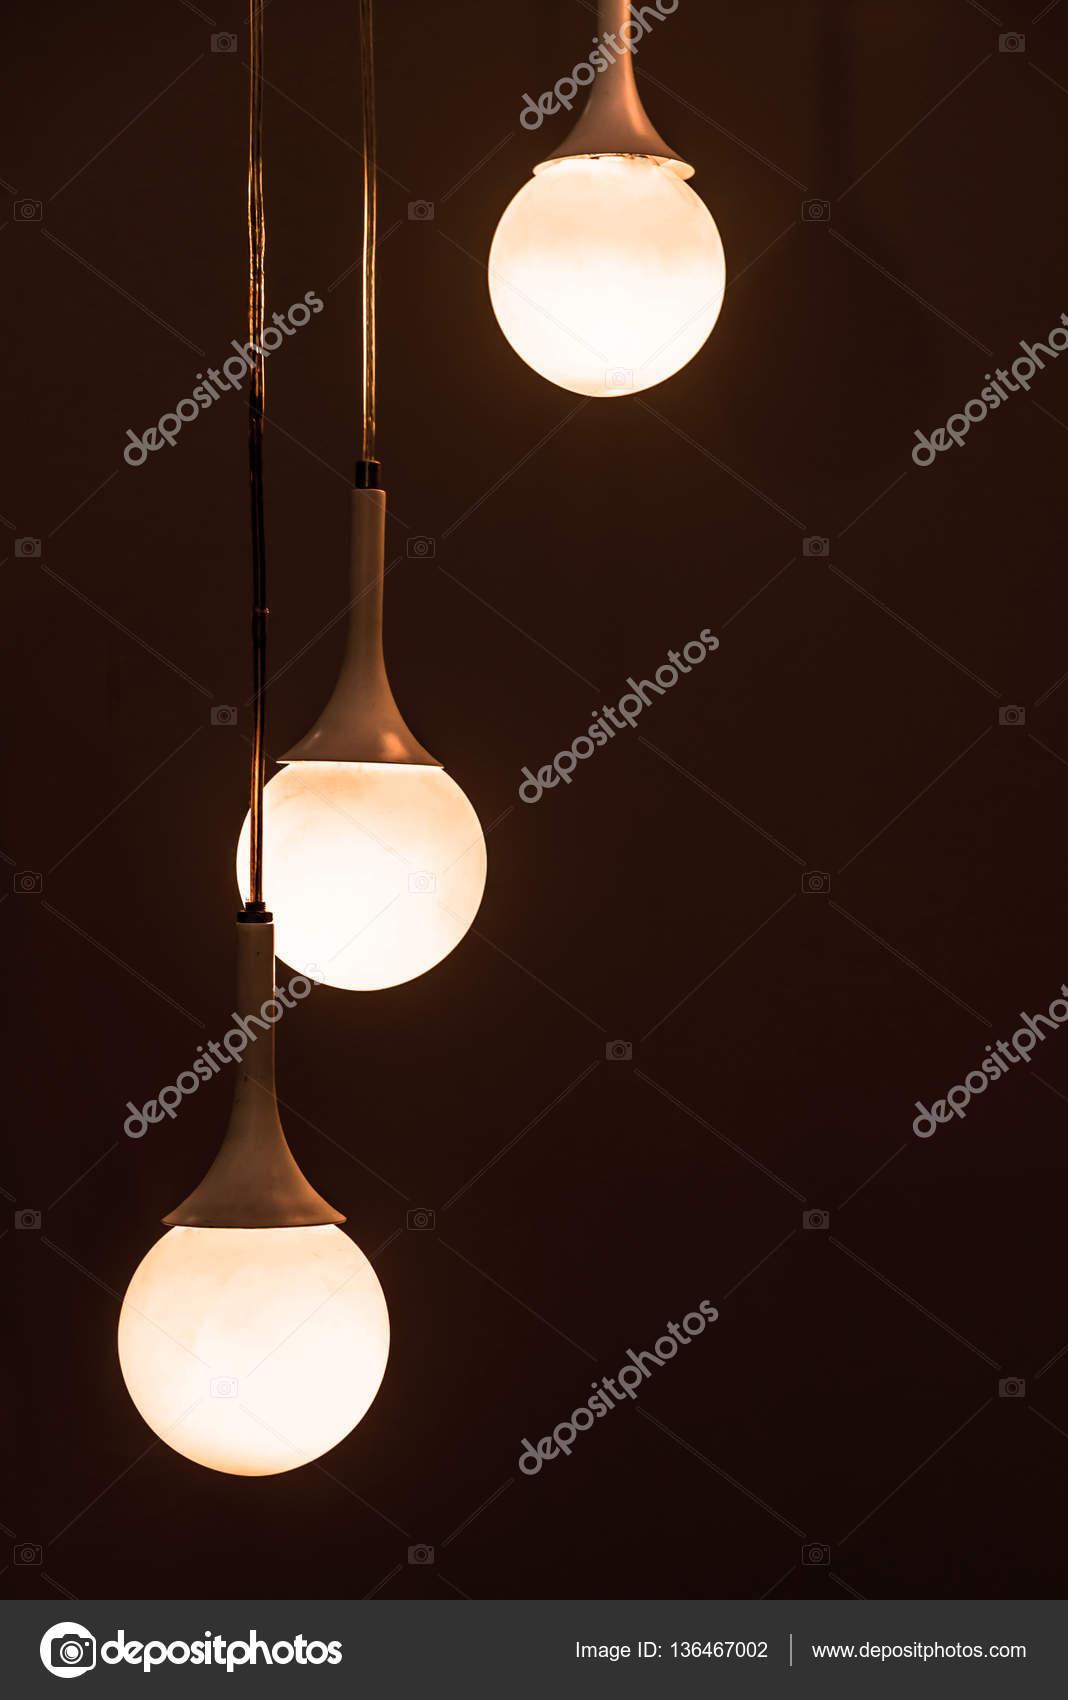 prachtige vintage verlichting decor voor het bouwen van interieurs stockfoto